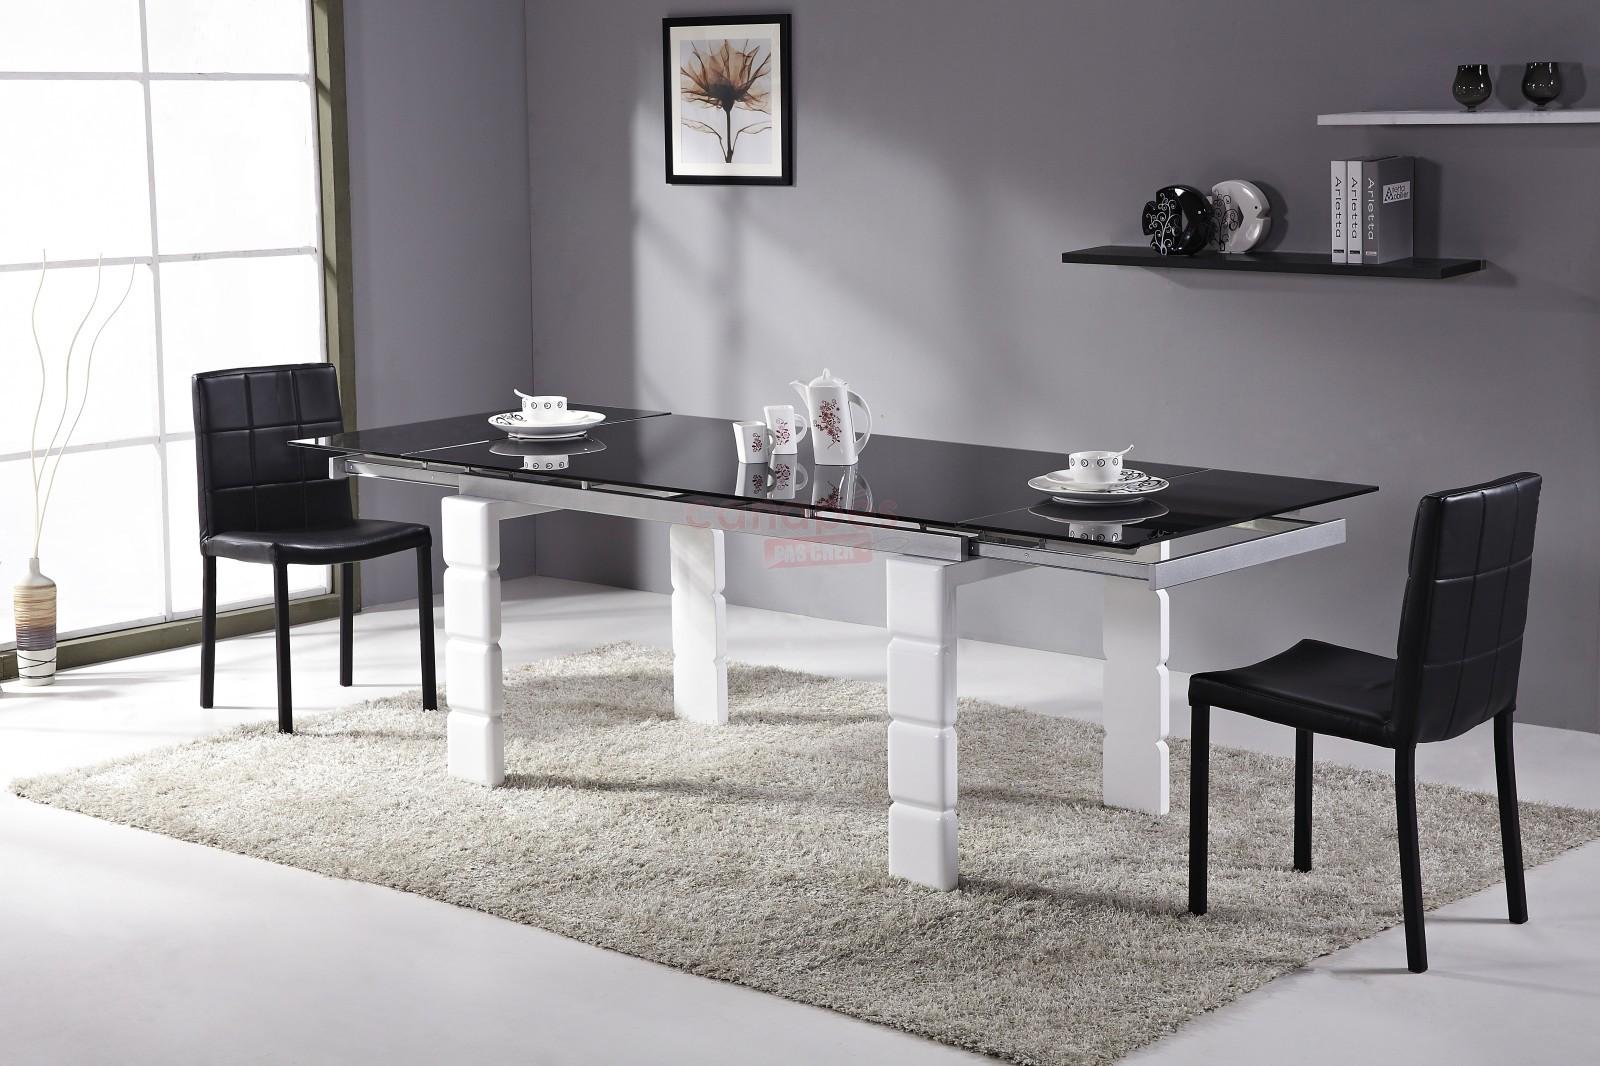 Table de cuisine moderne pas cher - Atwebster.fr - Maison ...